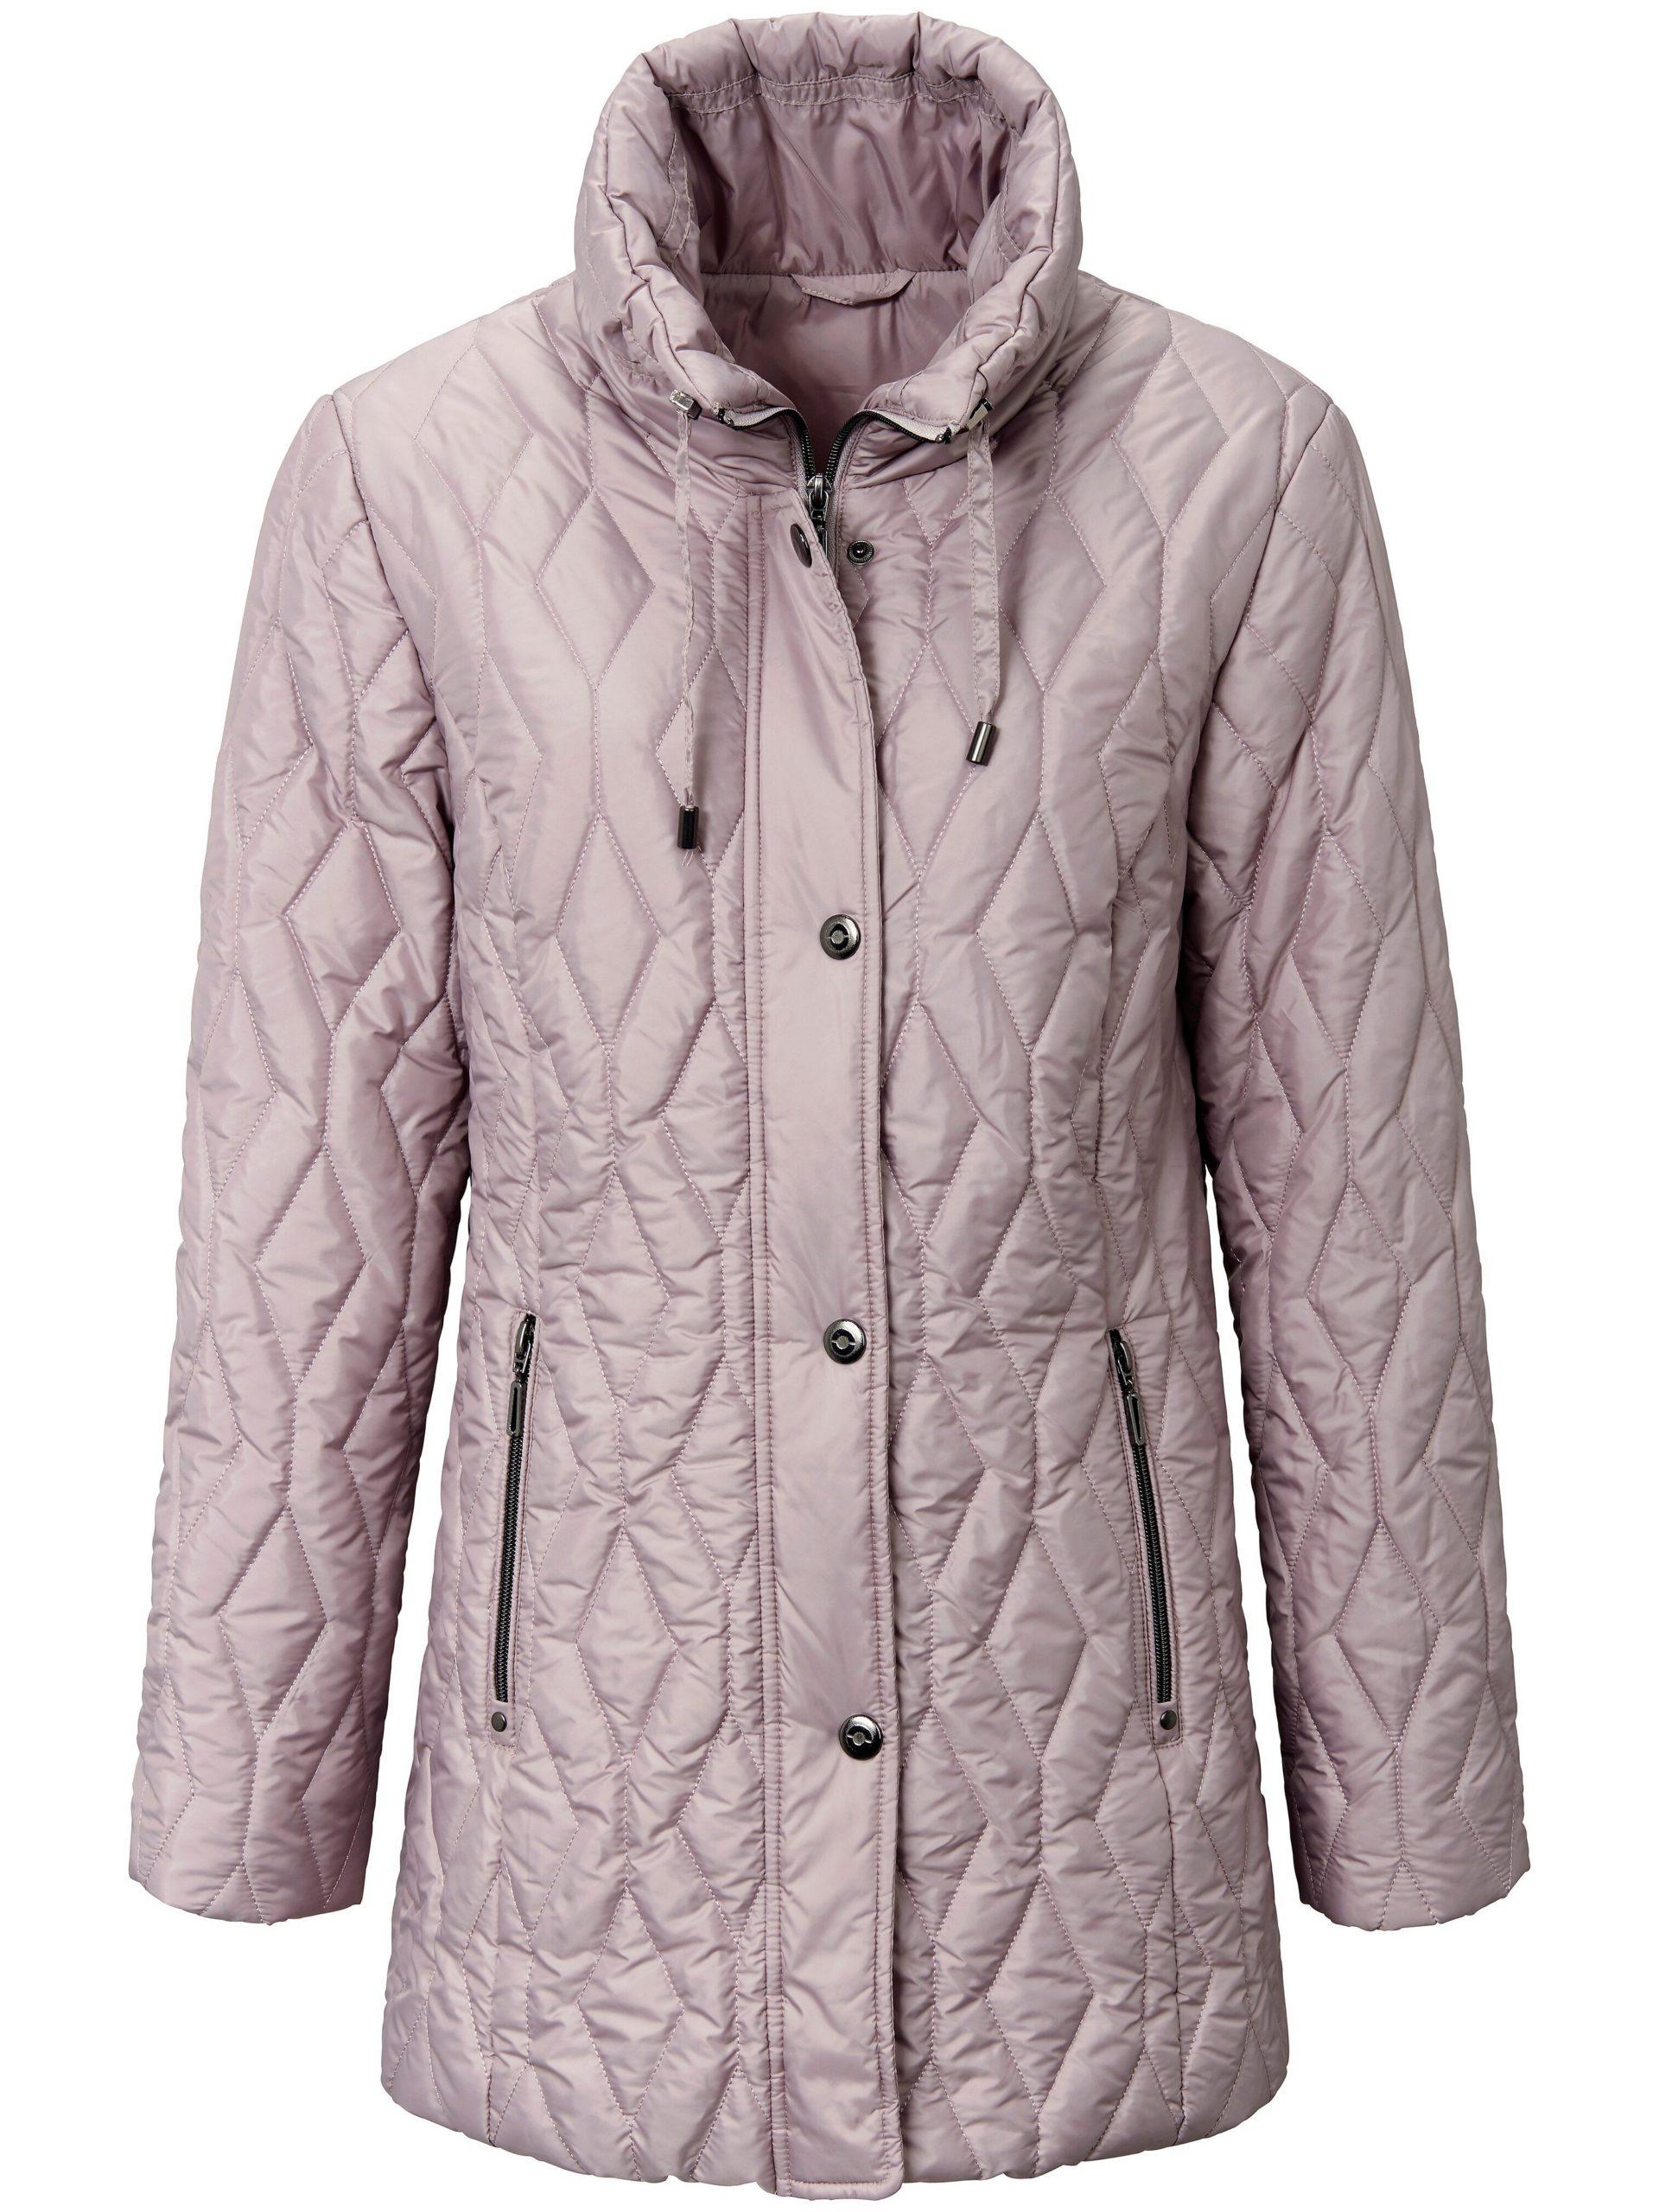 Gewatteerde jas Van mayfair by Peter Hahn lichtroze Kopen